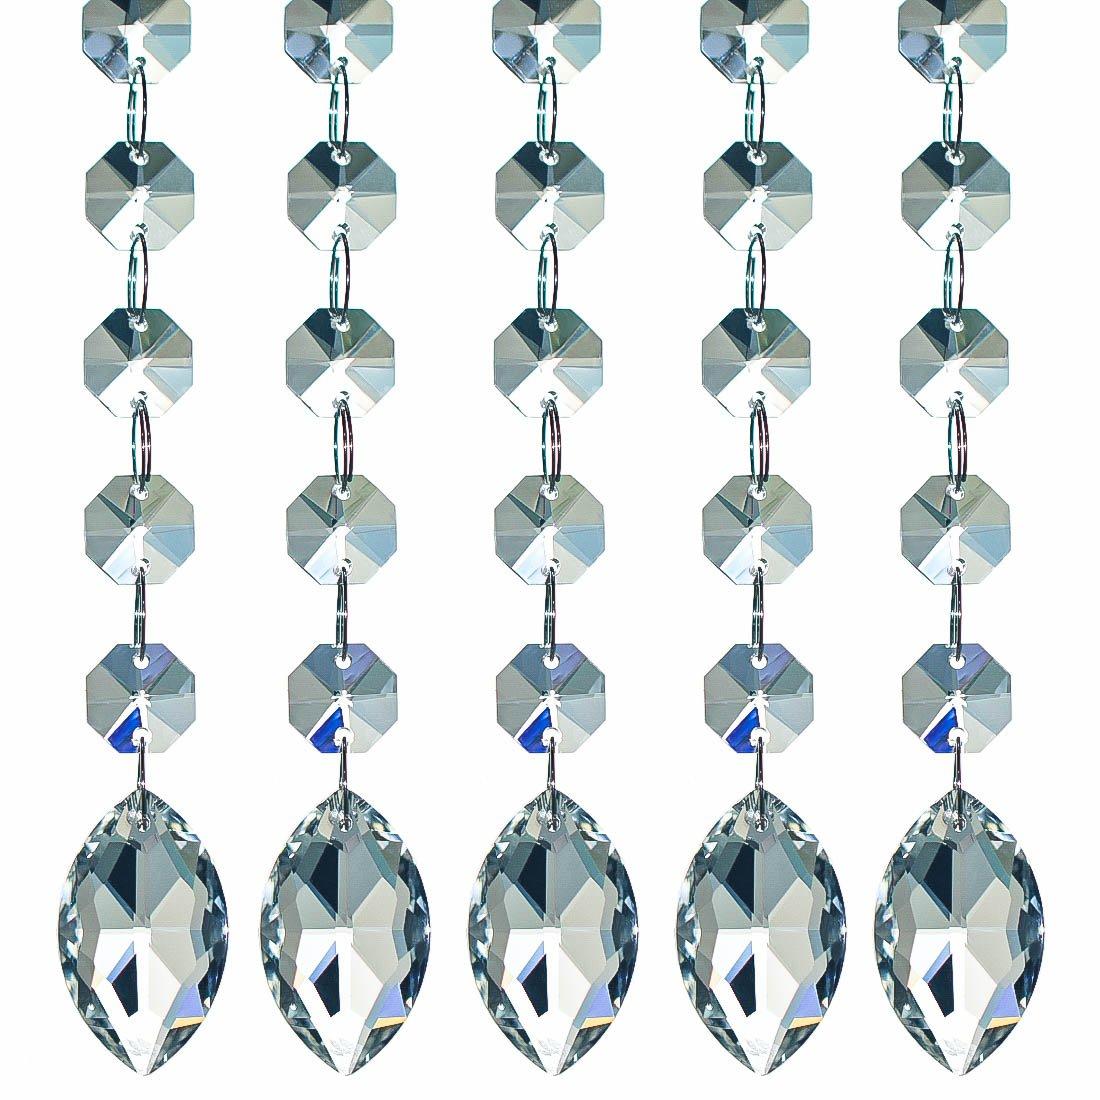 H&D - Set di 10 fili di perline in cristallo K9-cristalli pendenti -Perline con pendenti a prisma per lampadari - 30cm